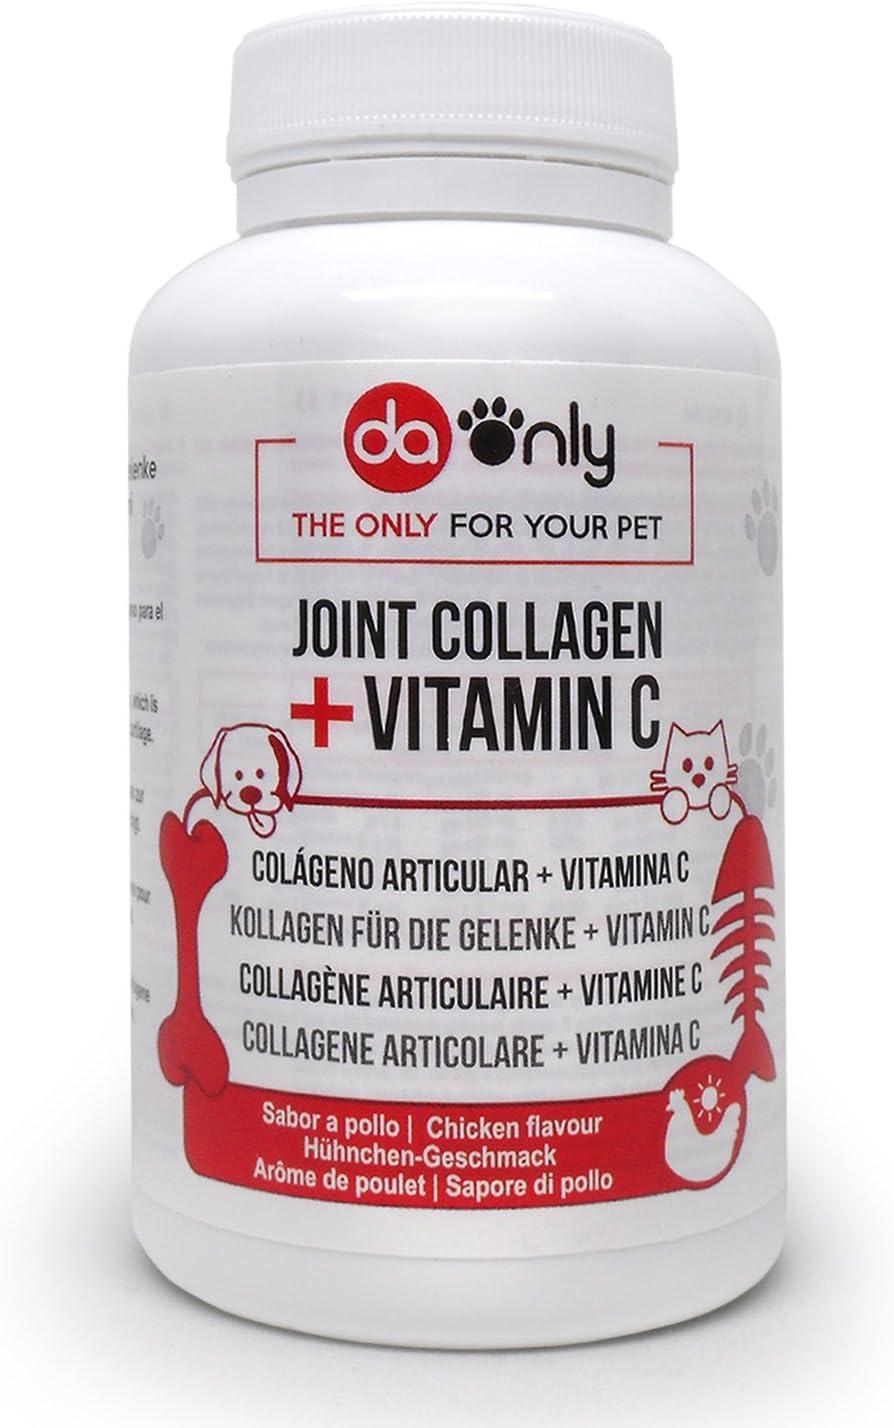 DAONLY Antiinflamatorio para perros sabor a pollo, alternativa natural a medicamentos para perros, cuidado de las articulaciones como los condroprotectores para perros, colageno articulaciones natural